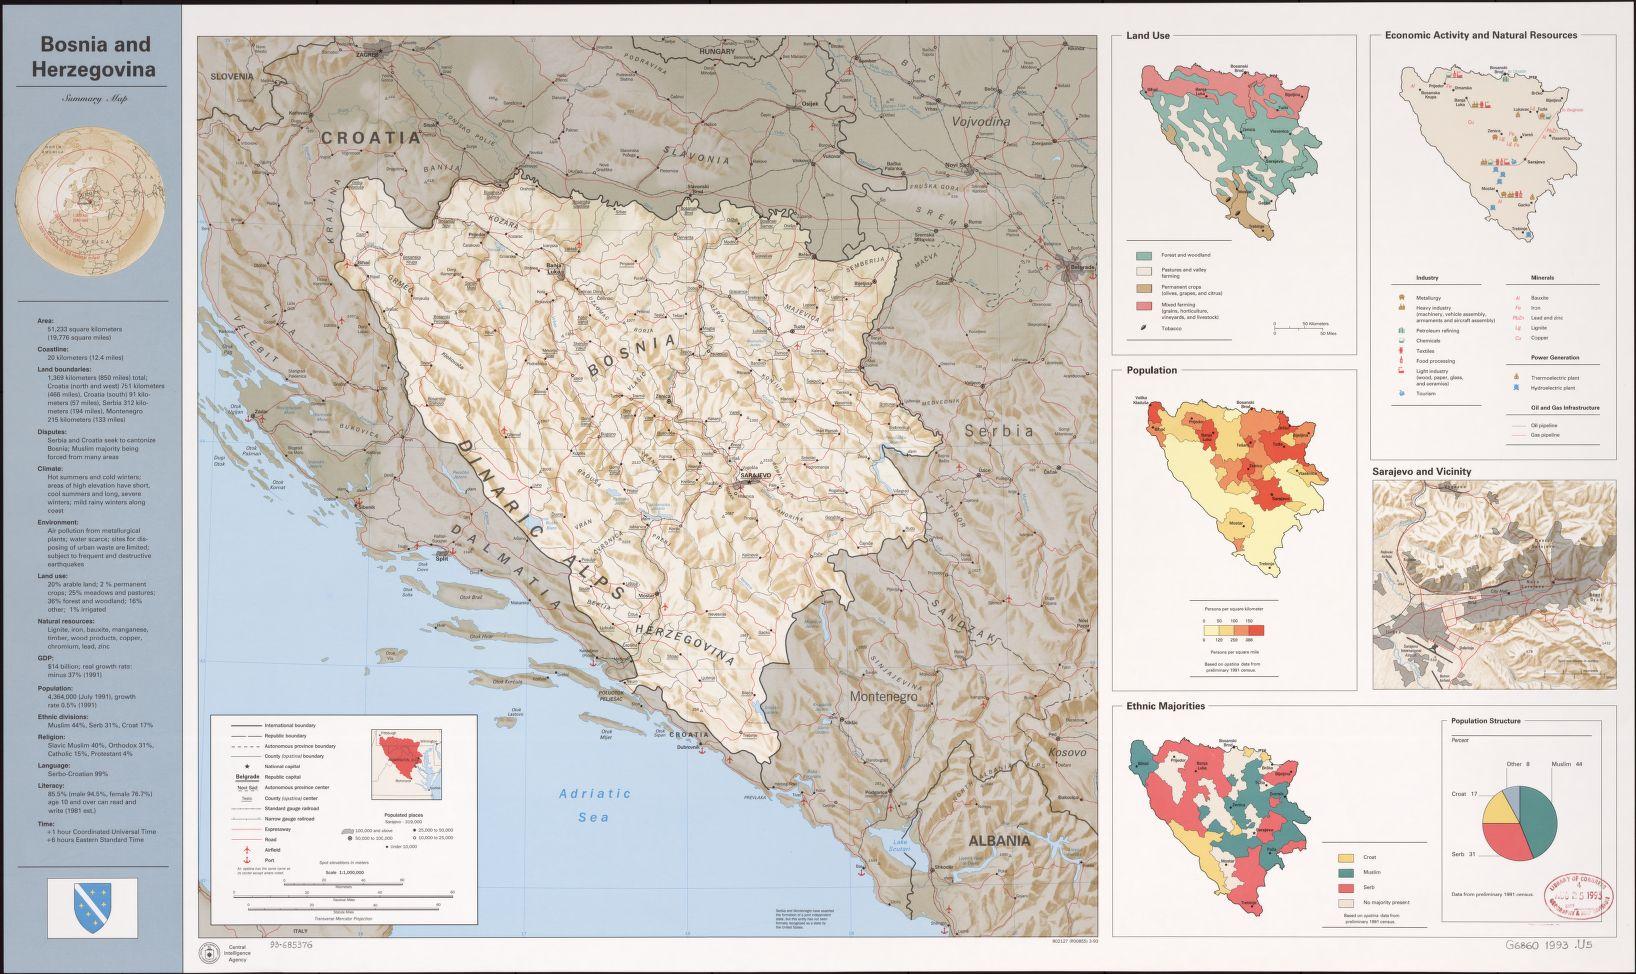 bosnia and herzegovina summary map